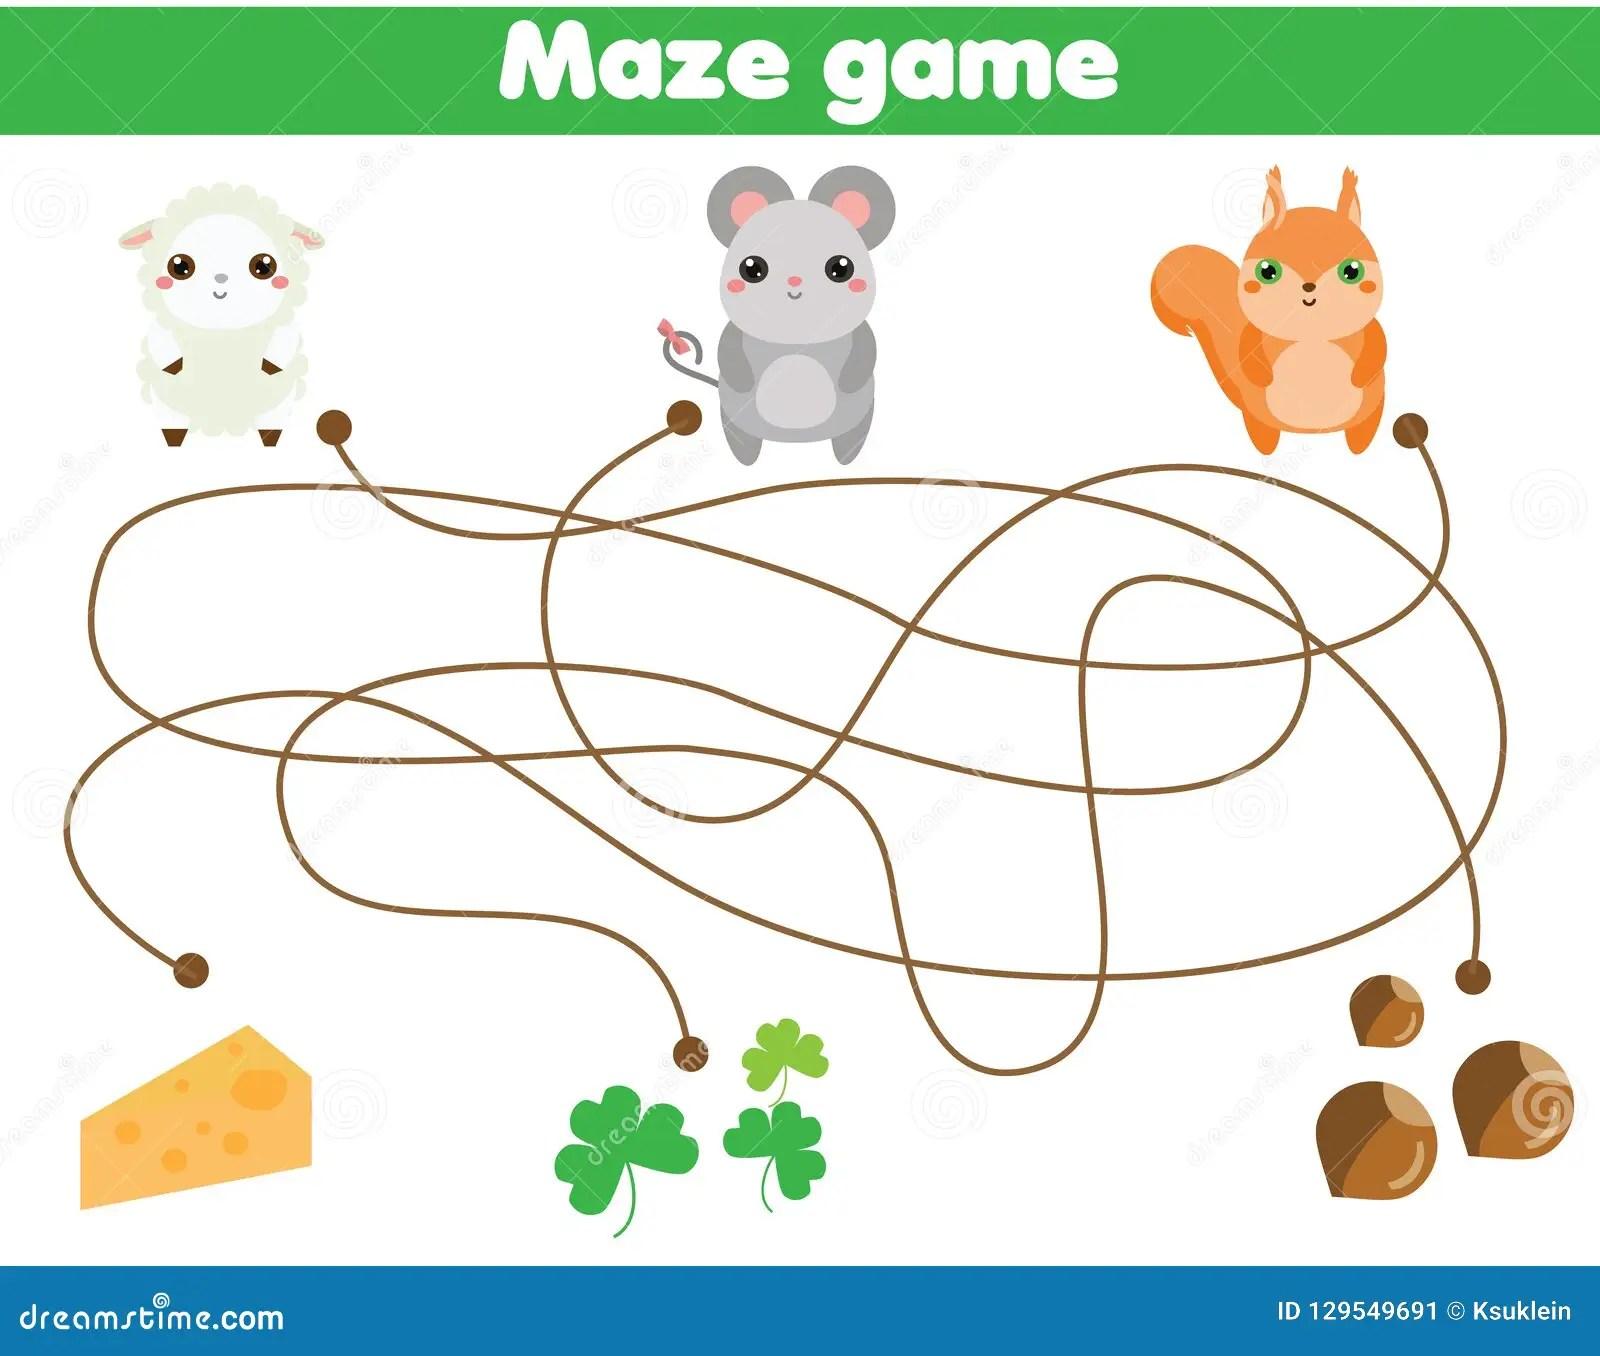 Maze Game Help Animals Find Food Activity For Children